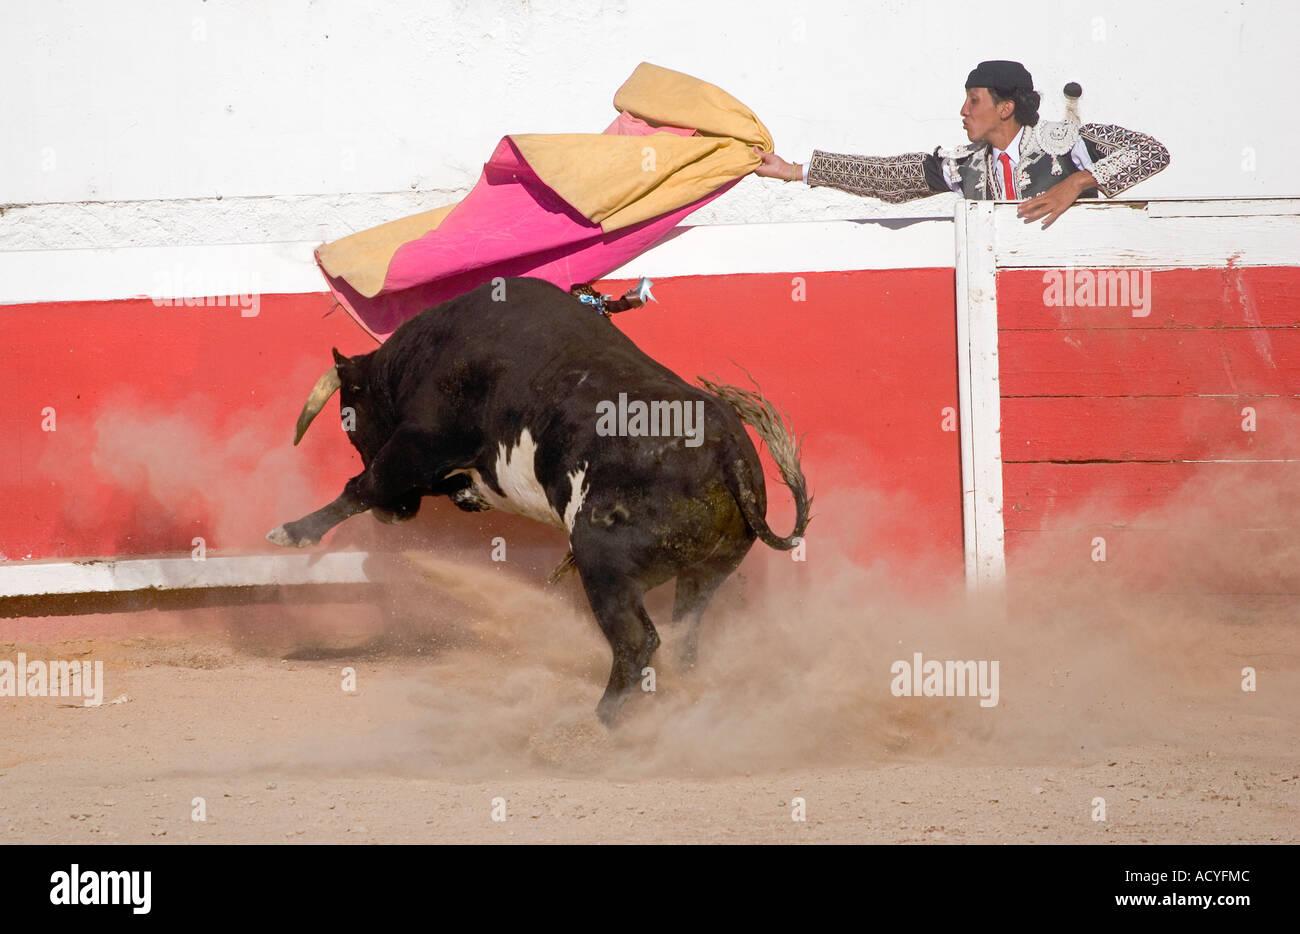 42f39f070f3 A MATADOR fights a bull in the Plaza de Toros SAN MIGUEL DE ALLENDE MEXICO -